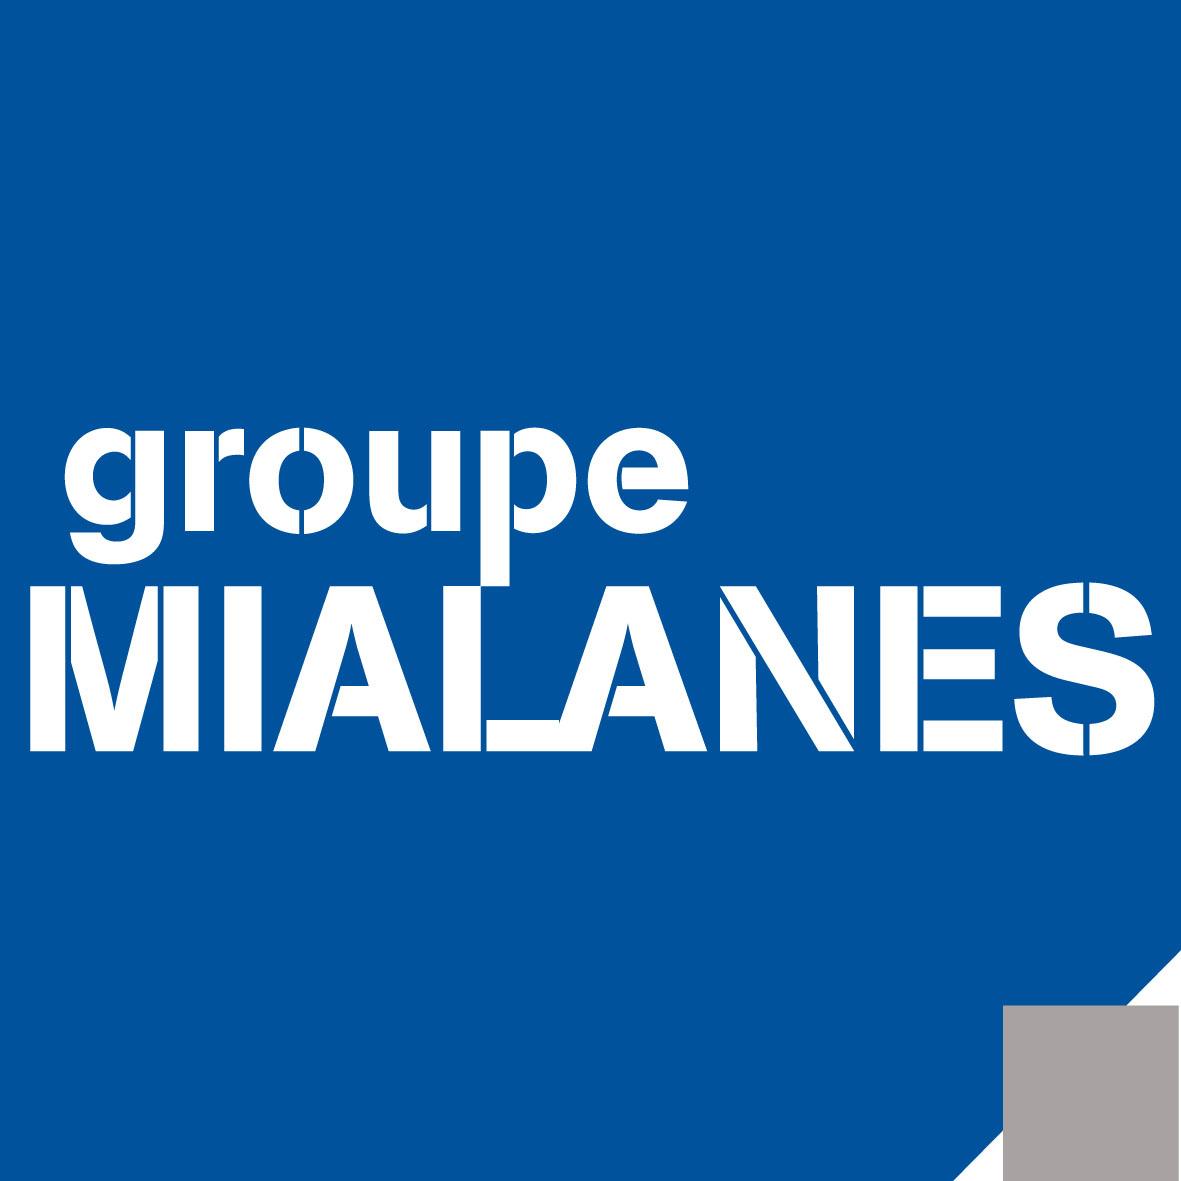 MIALANES